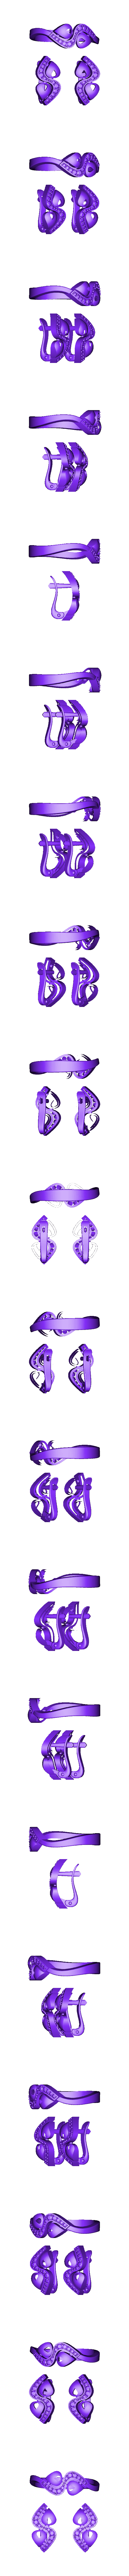 esess-set-1.snapshot.3 v1.stl Télécharger fichier STL gratuit esess-set de la bague et de l'oreille • Design à imprimer en 3D, poorveshmistry